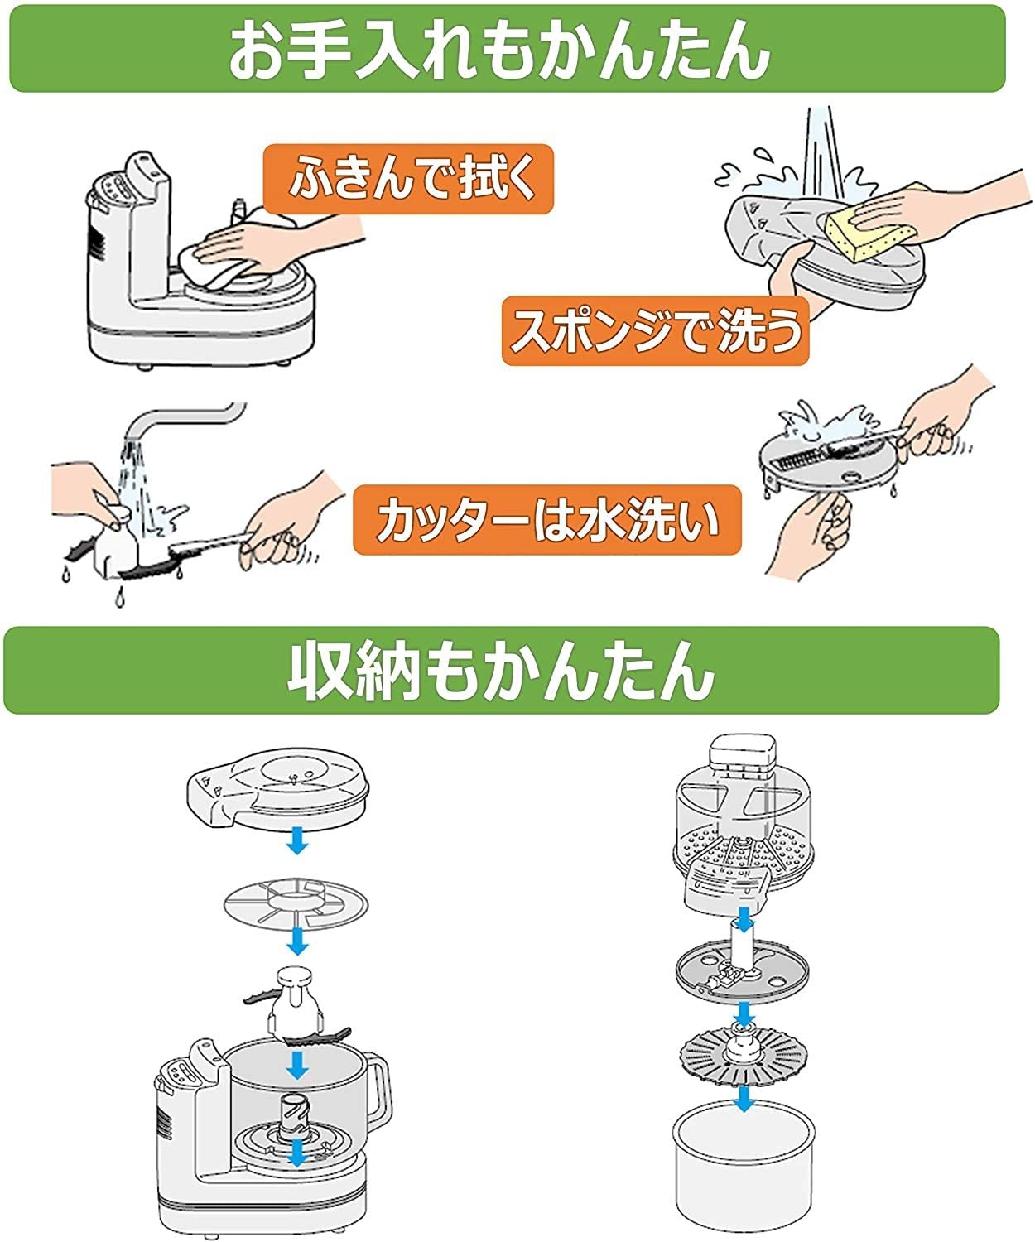 Panasonic(パナソニック) フードプロセッサー(ホワイト)MK-K81-Wの商品画像7